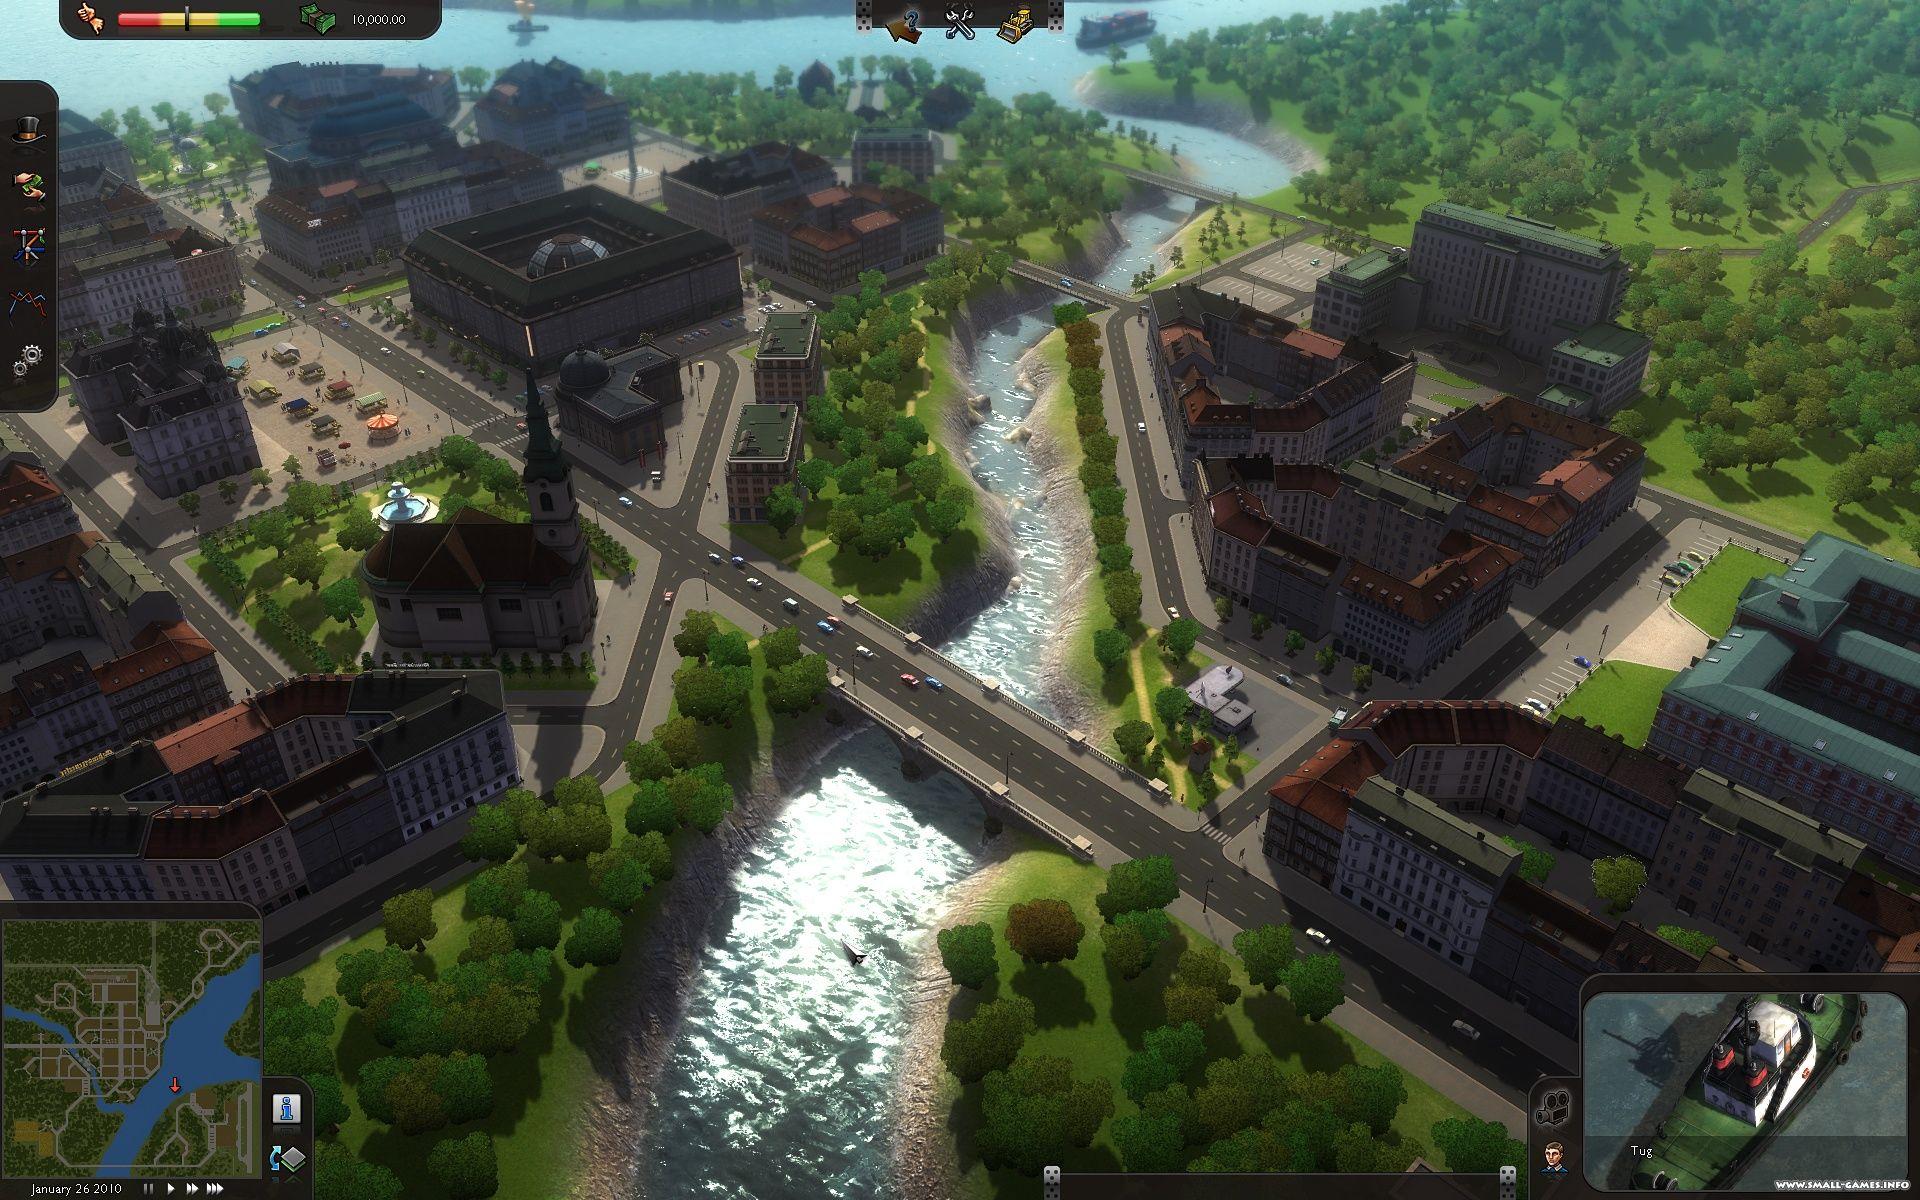 Скачать игру транспортная империя 2 на компьютер